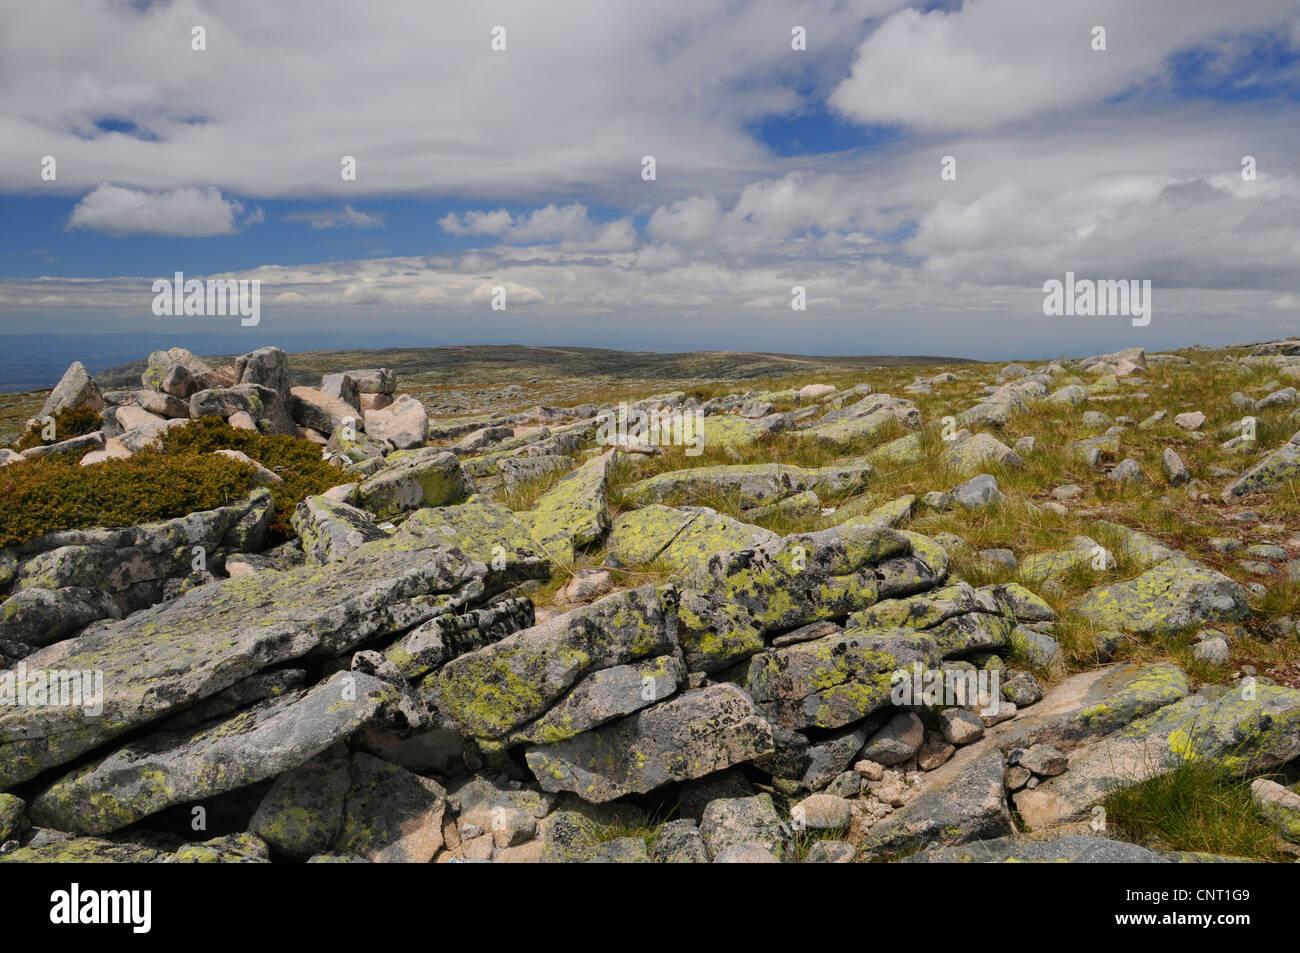 steppe in the summit region of the Serra da Estrella, Portugal, Naturpark Serra da Estrella - Stock Image